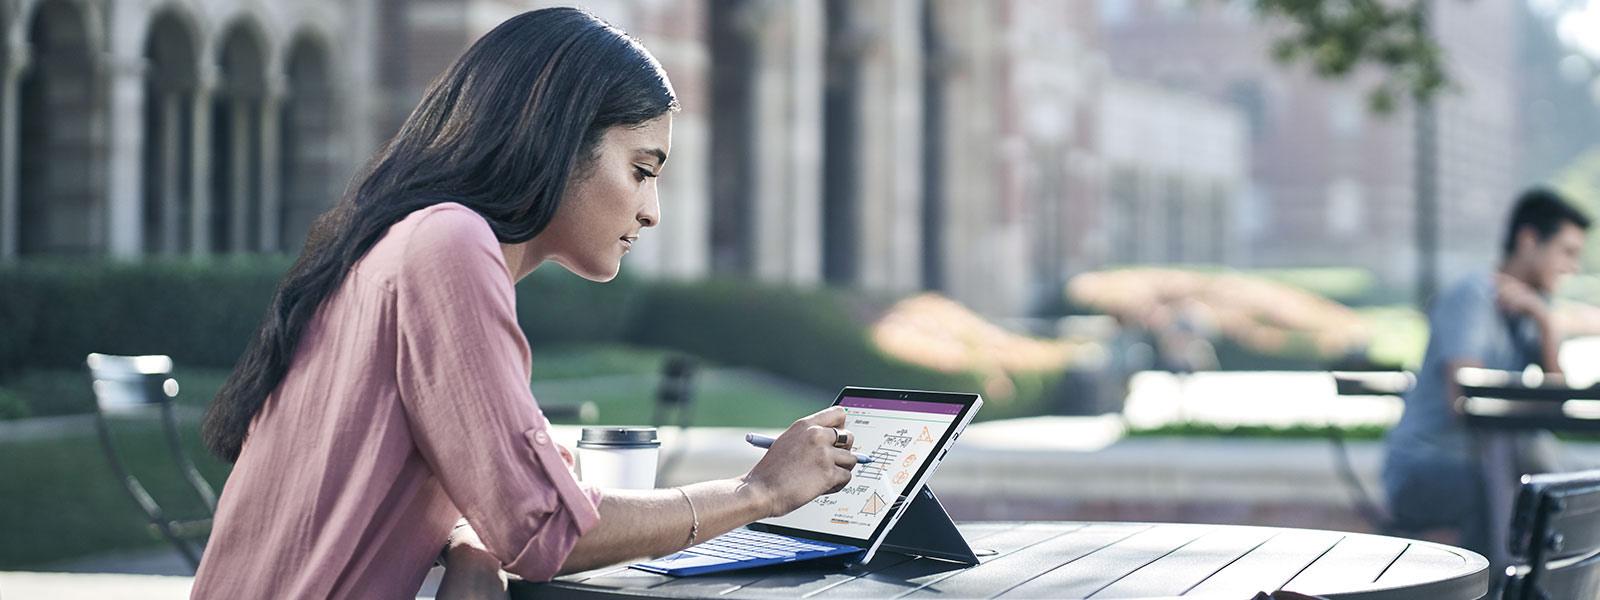 Kvinde, der bruger knibezoomning pä Surface Studio med Pen og touch.